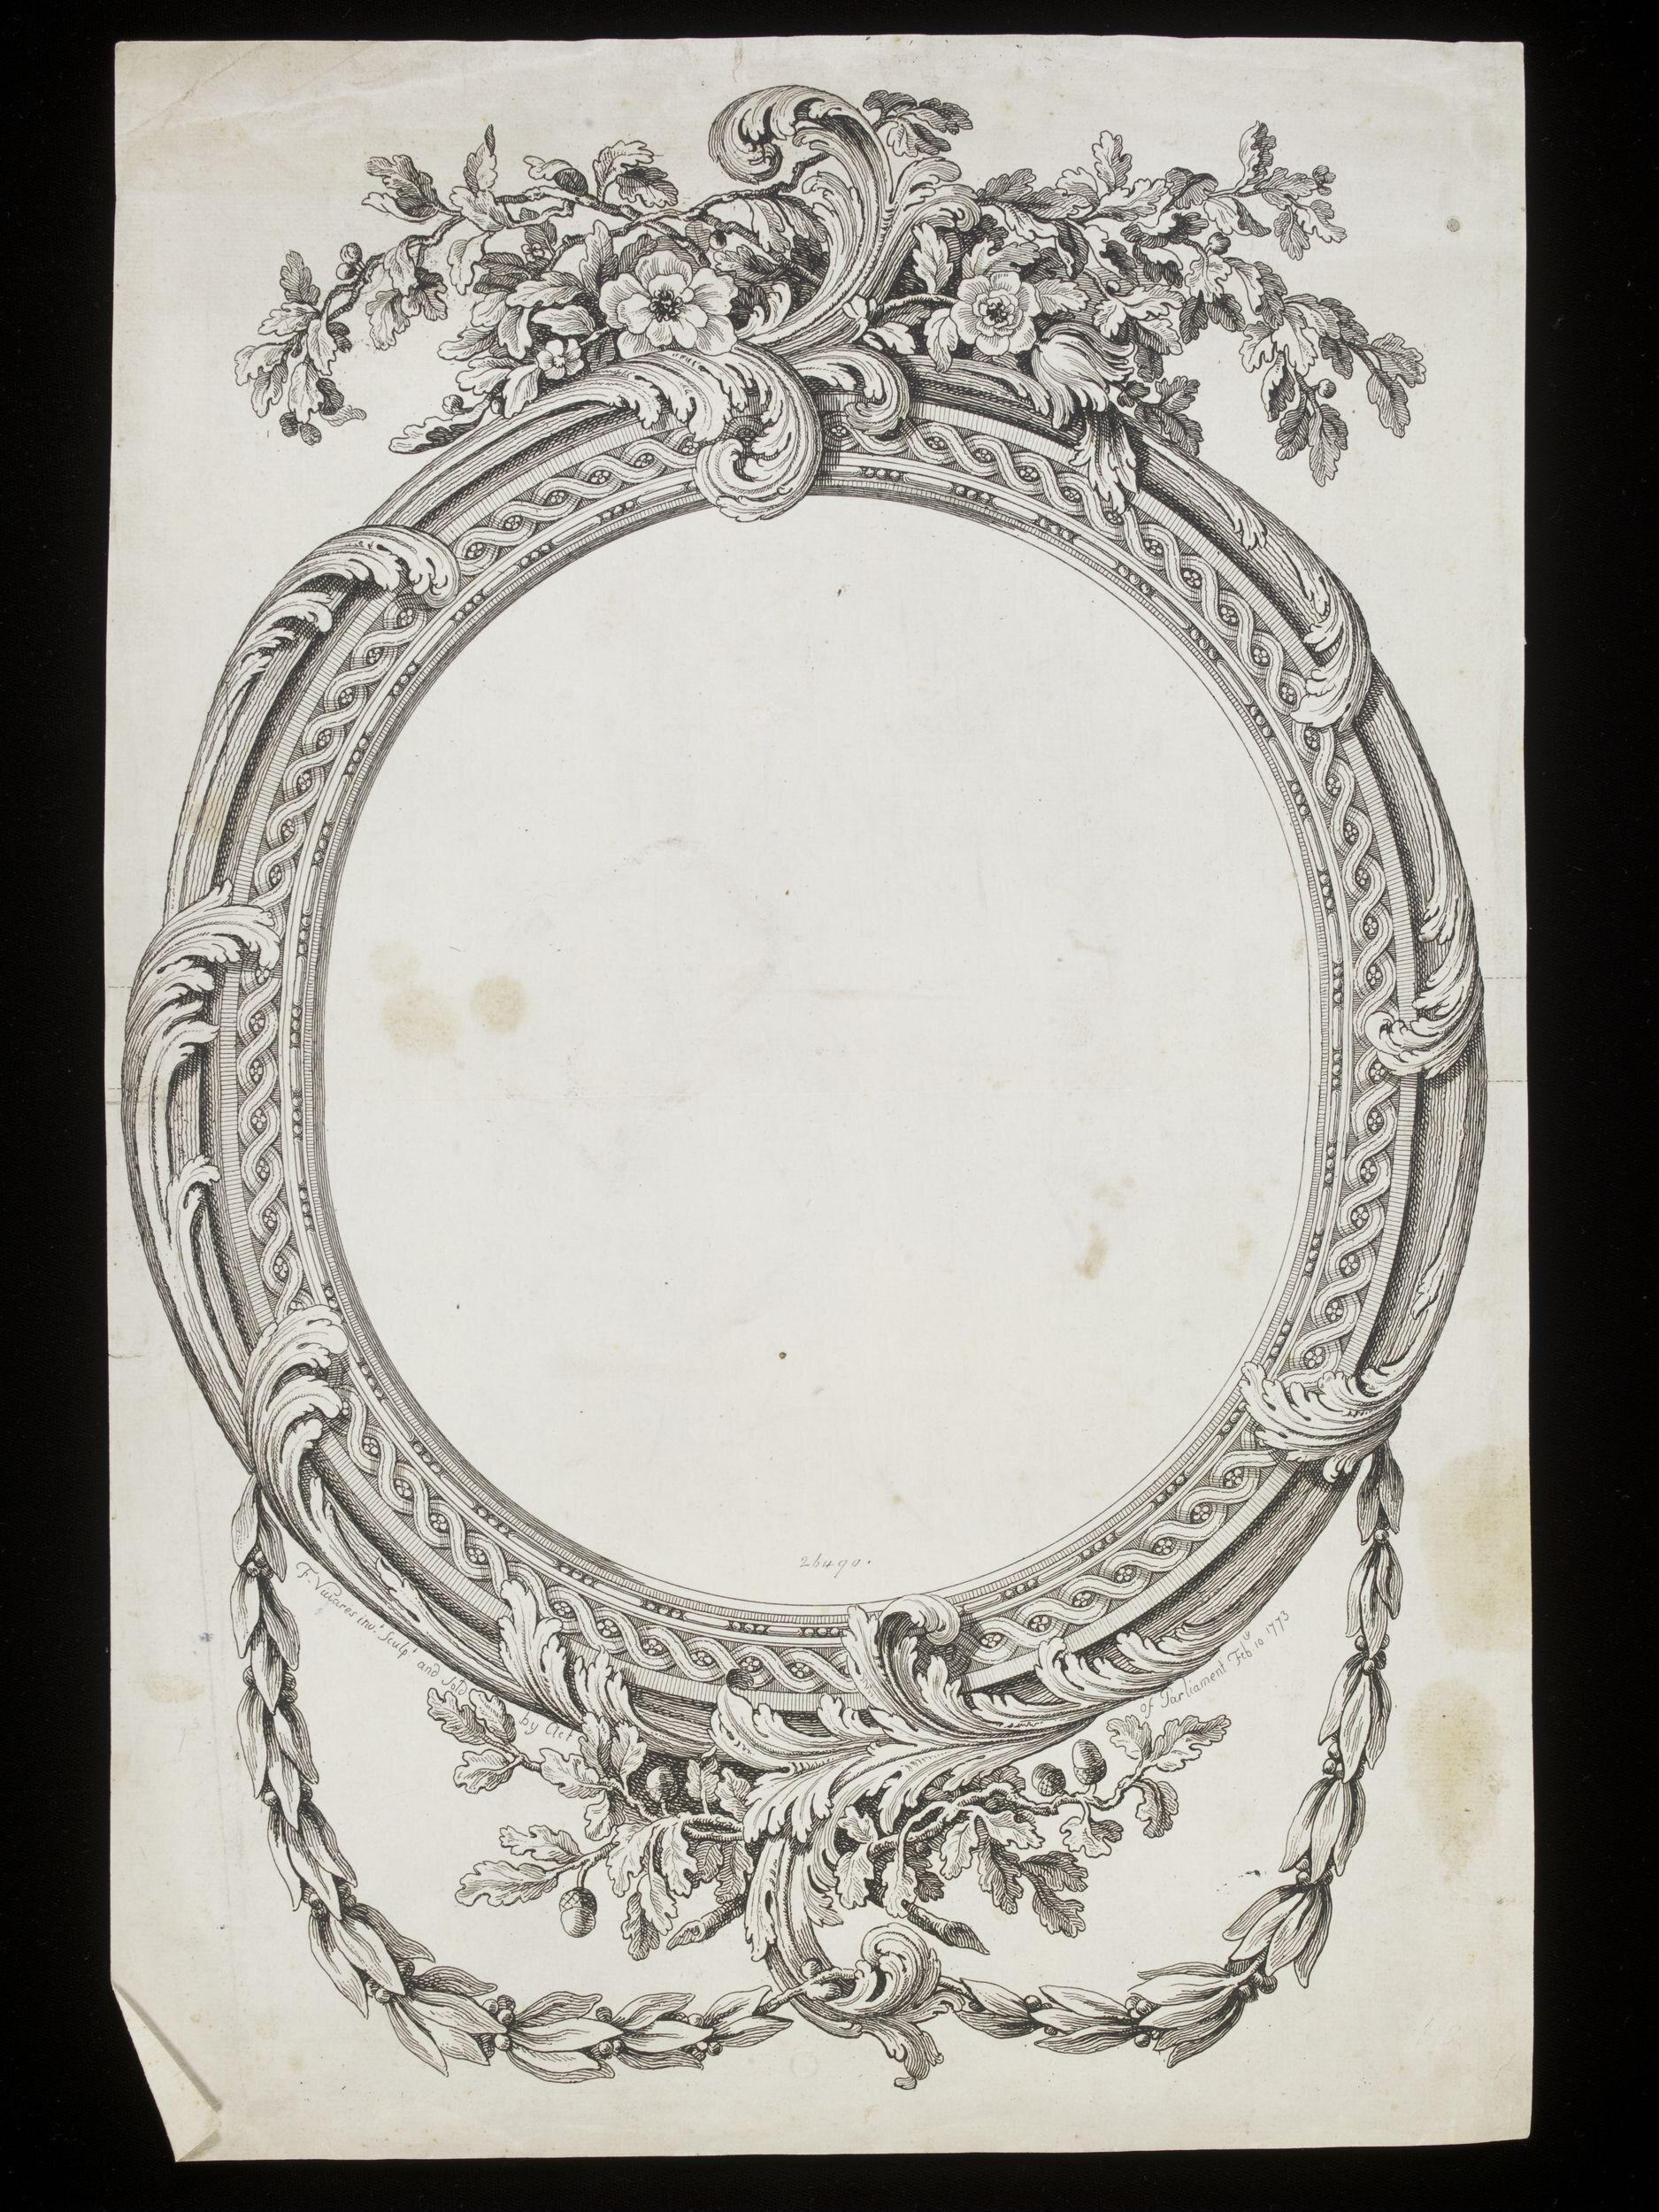 42 François Vivarès Oval guilloche frame floral fronton foliate apron pendant husks V & A